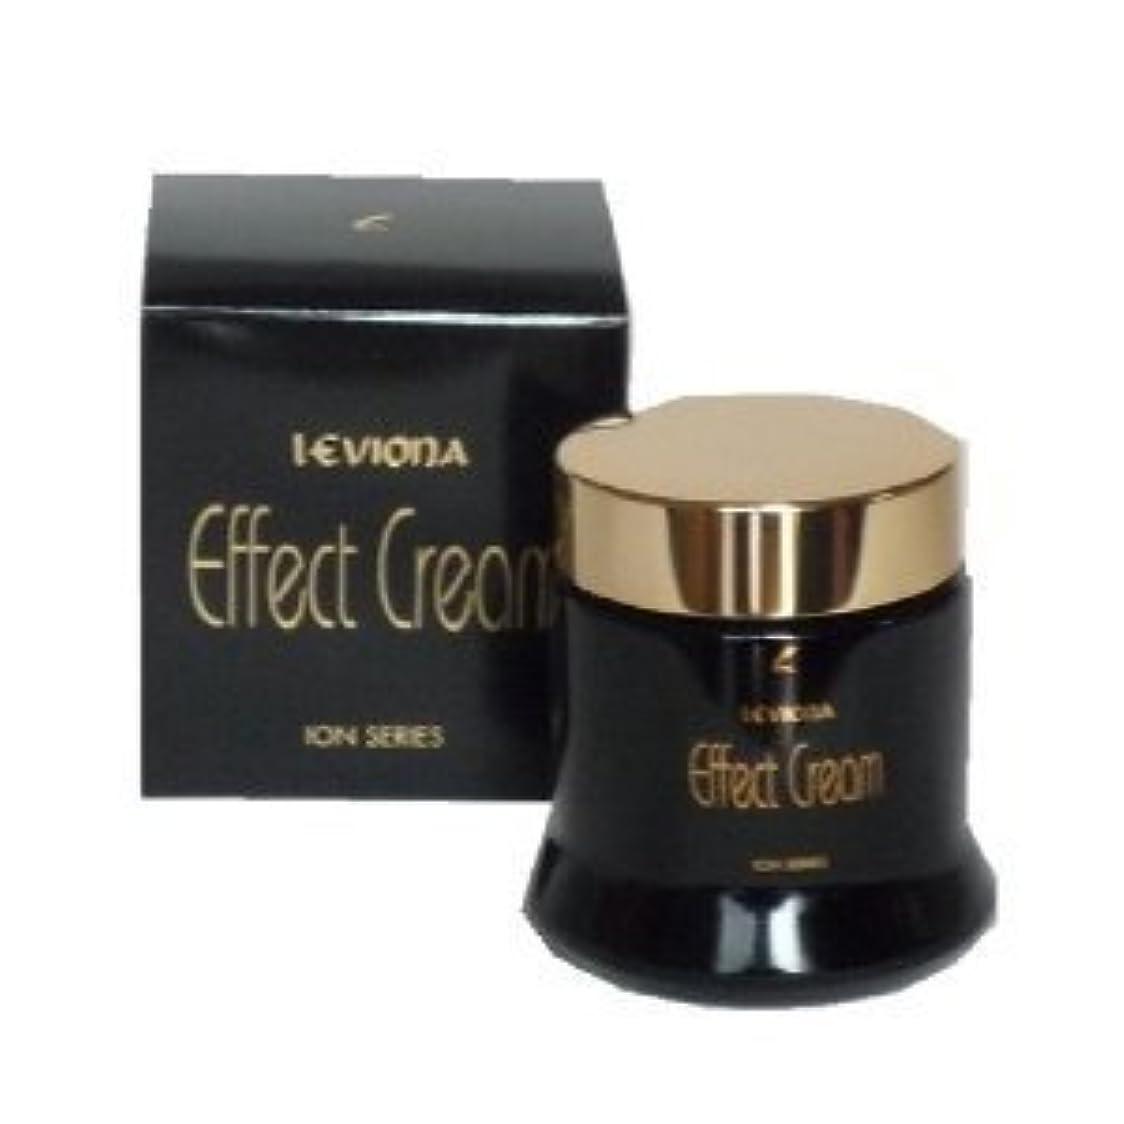 オープニングこねる高齢者レビオナ化粧品エフェクトクリーム天然イオン配合